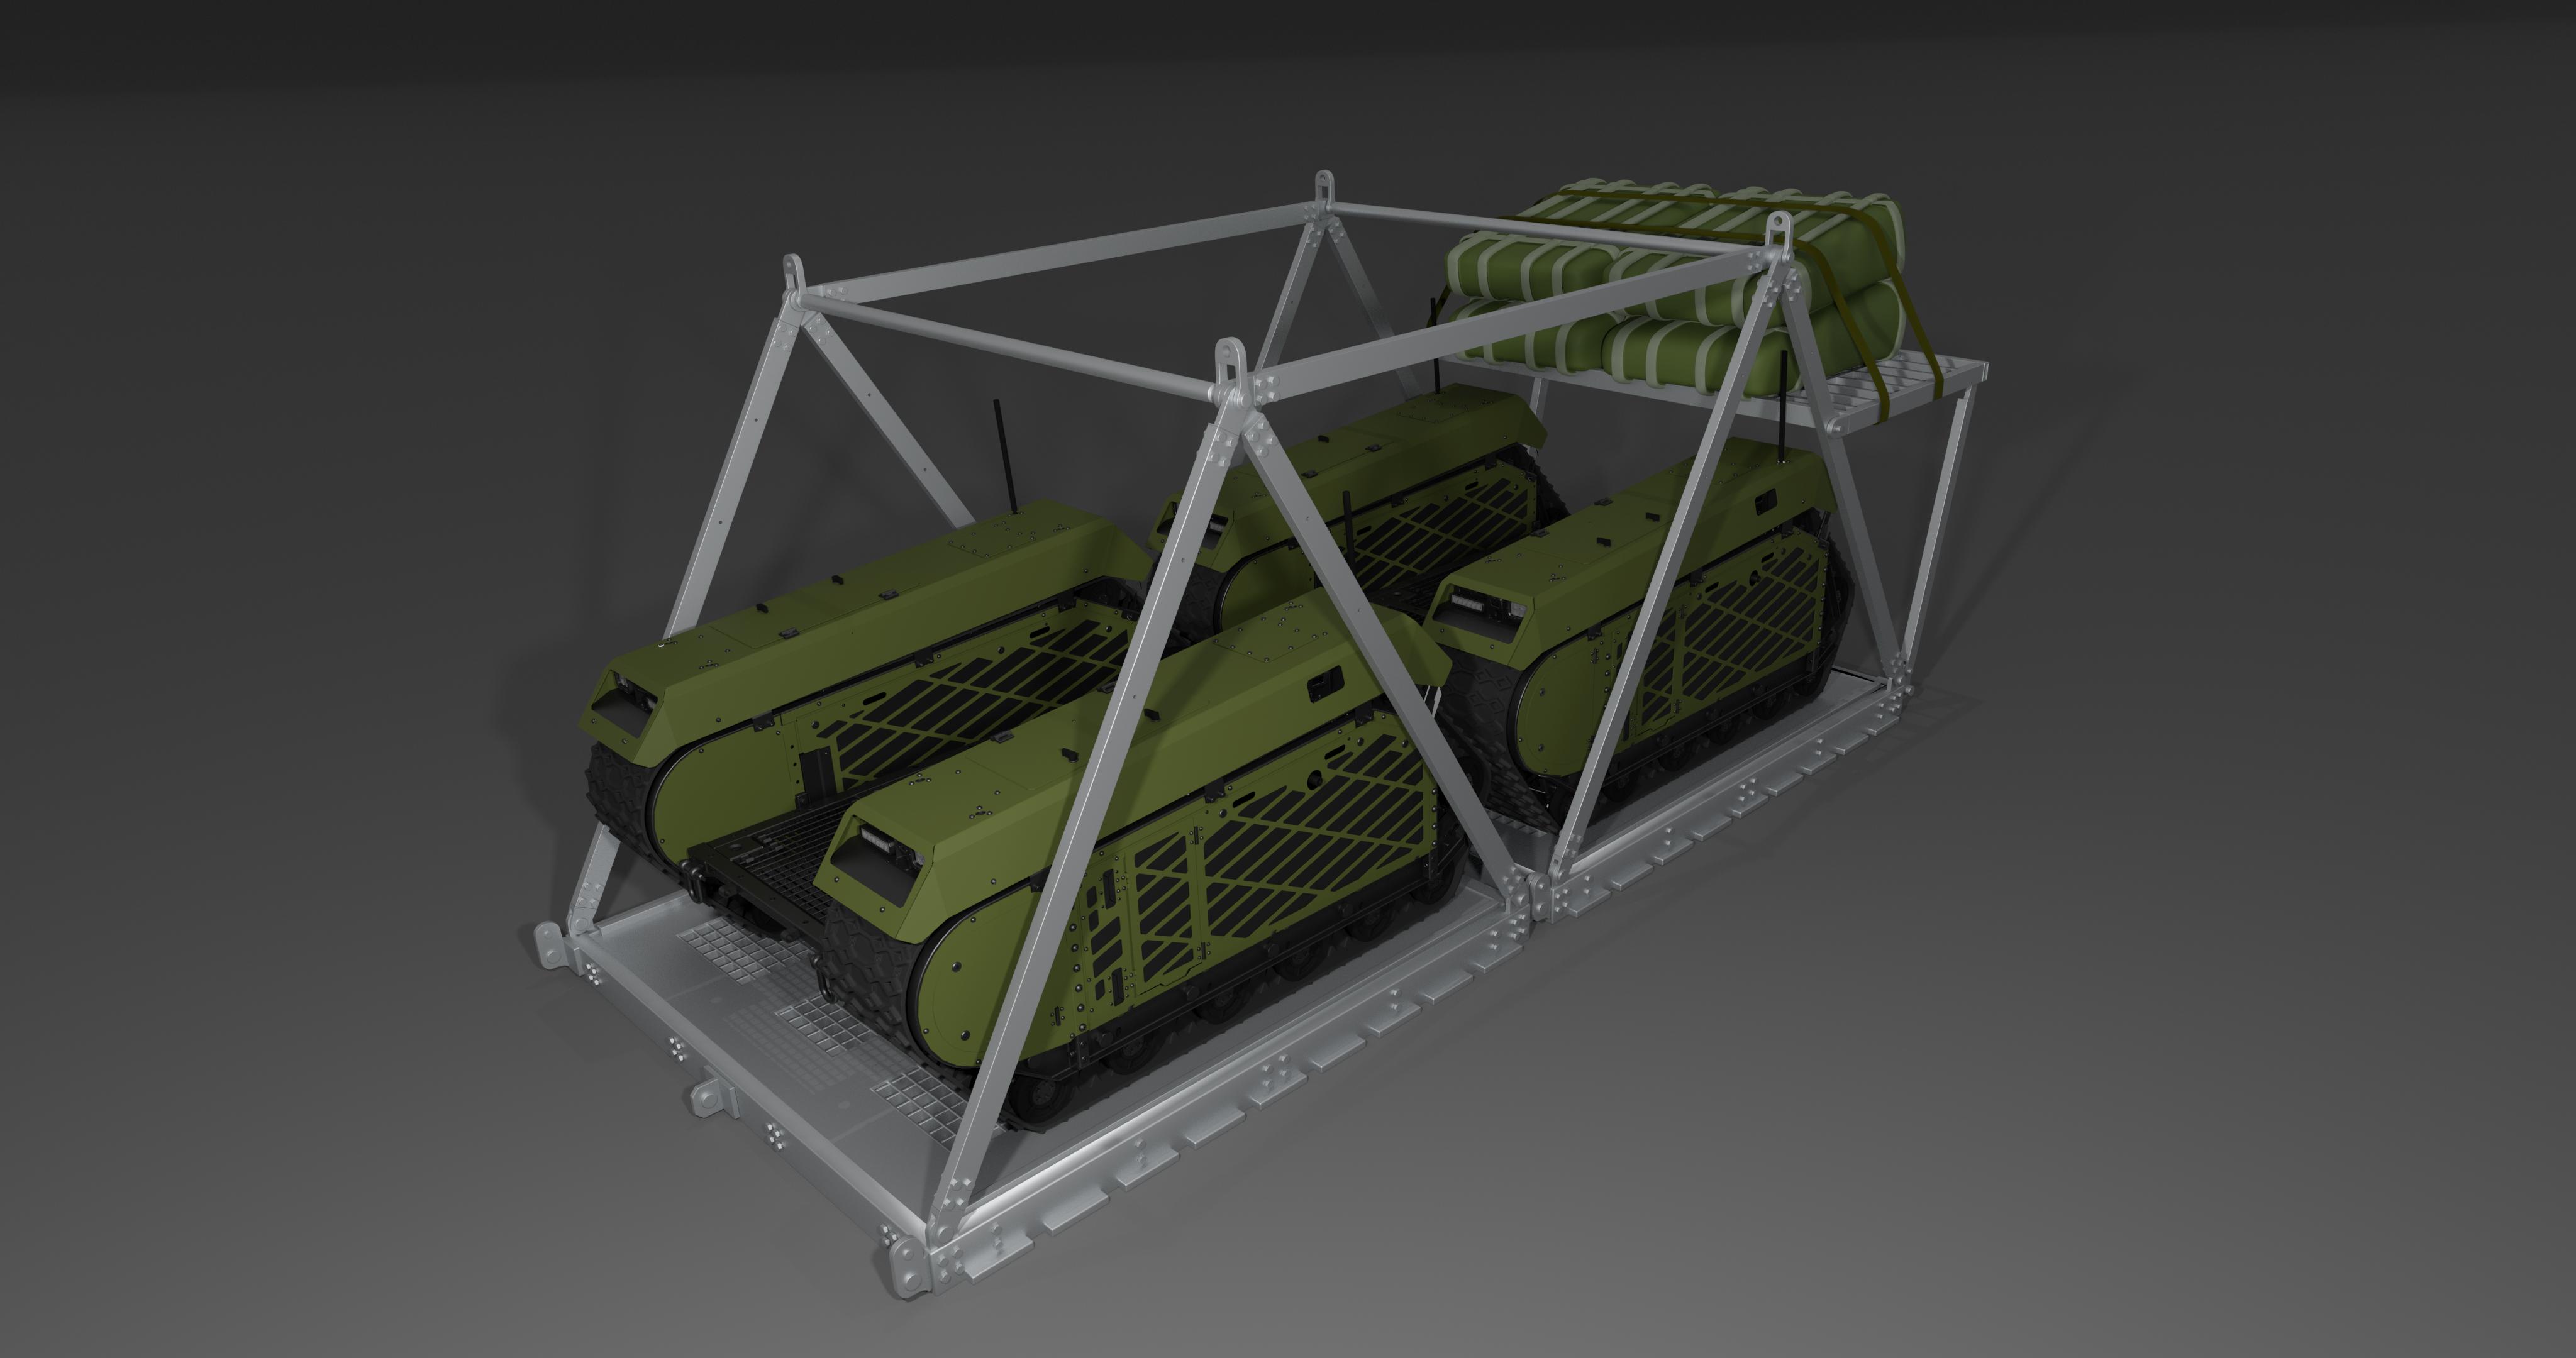 Milrem Robotics IrvinGQ unmanned system airdrop system